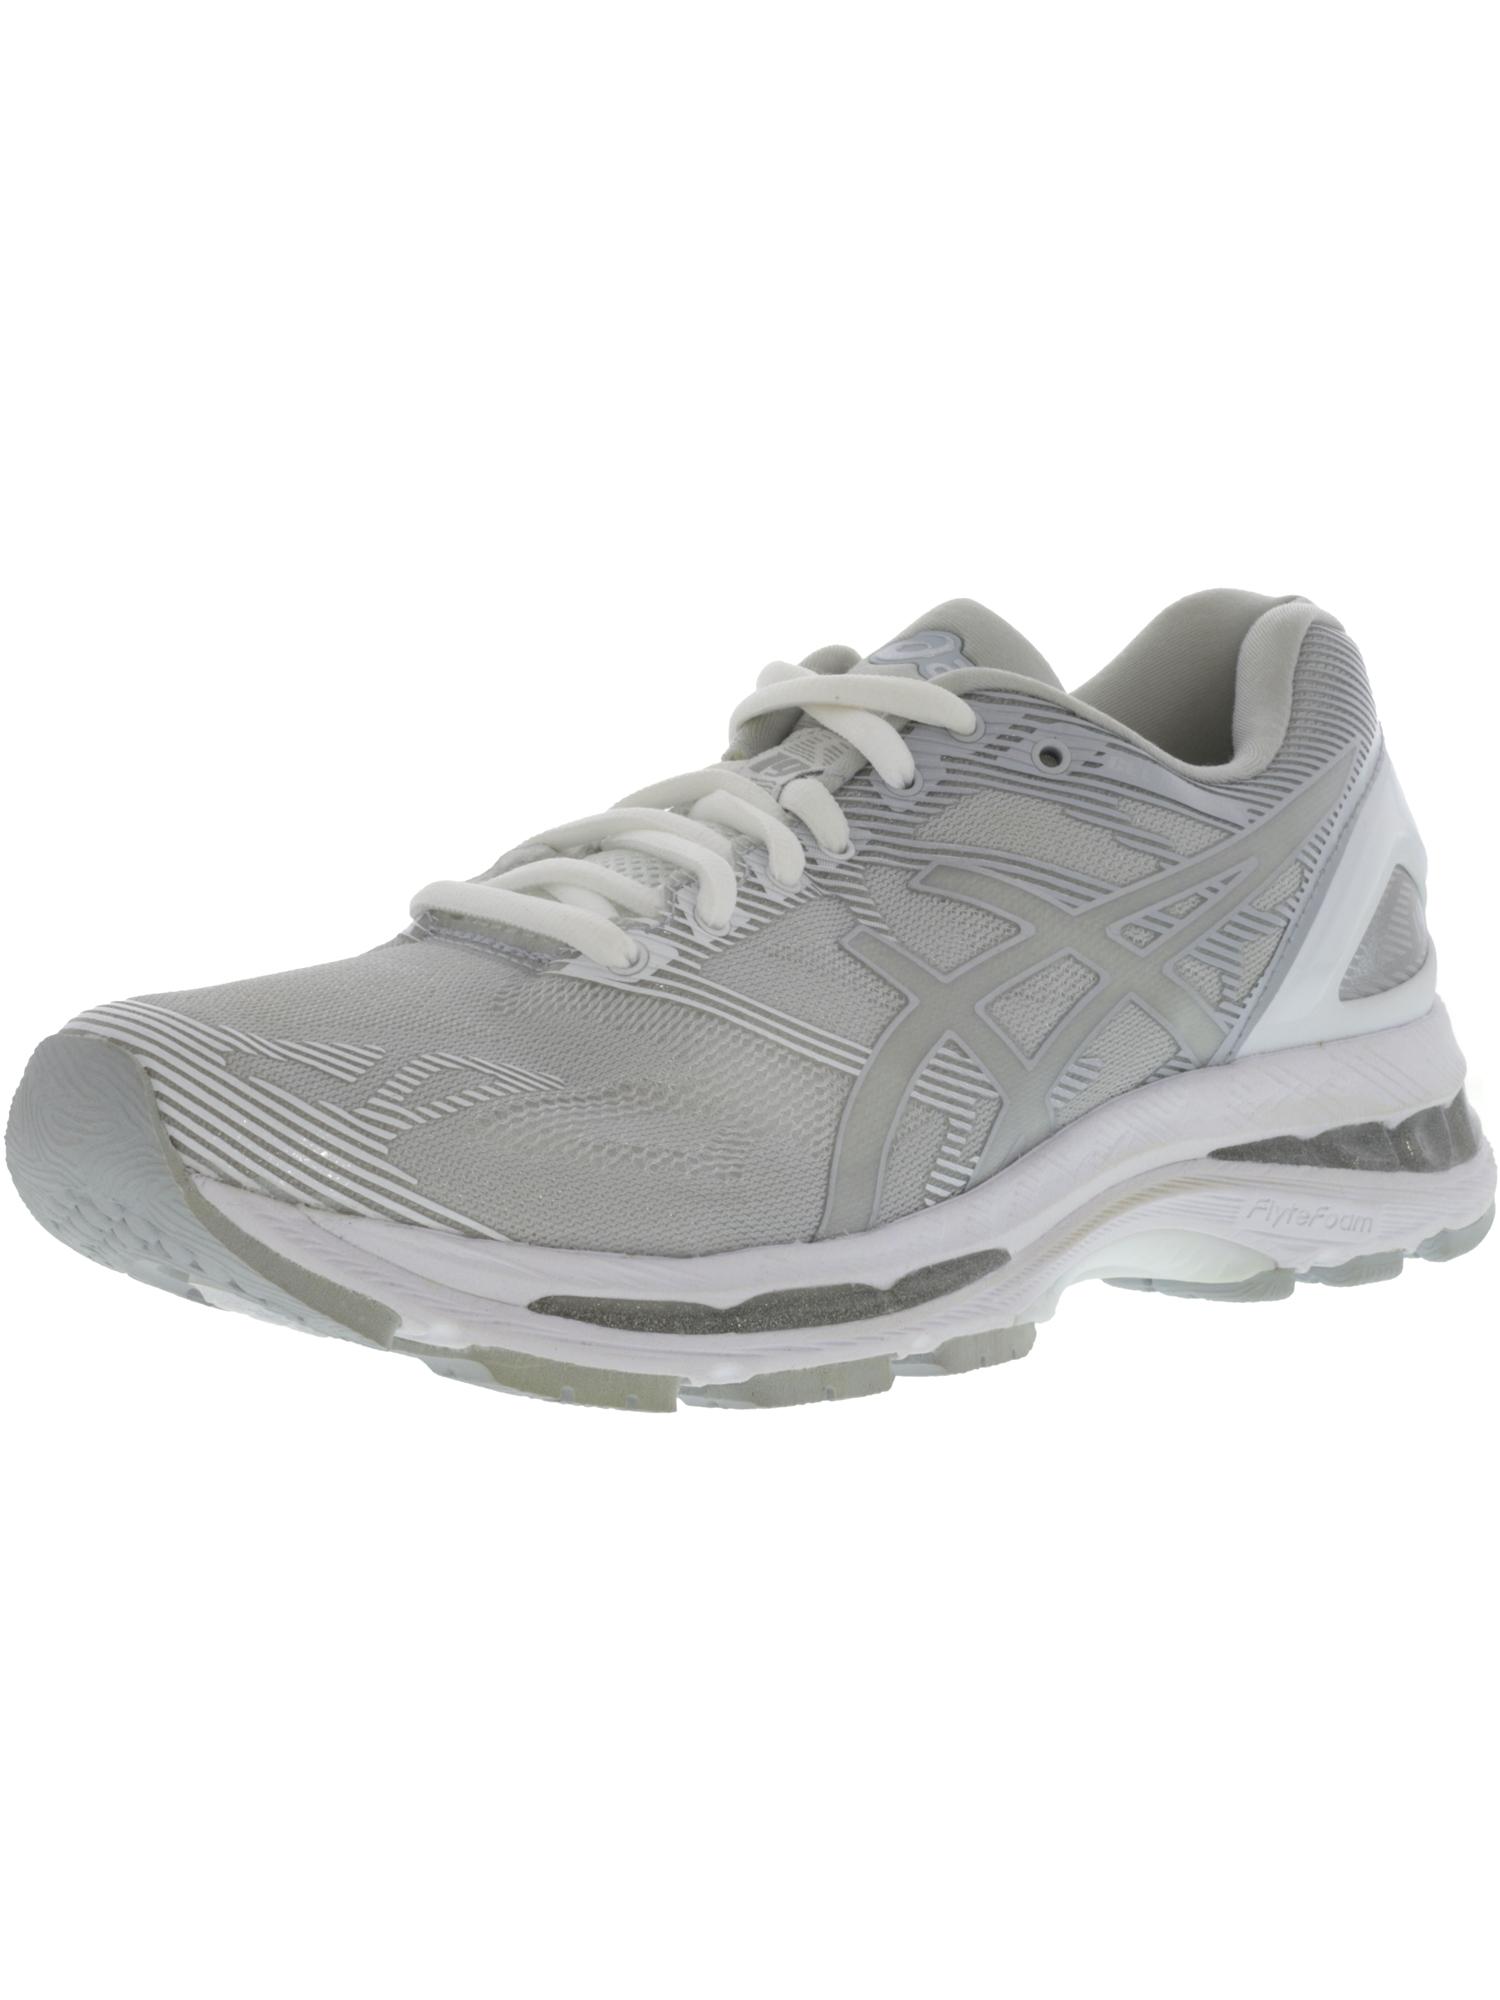 Asics Women's Gel-Nimbus 19 Indigo Blue / Paradise Green Pink Glow Ankle-High Running Shoe - 12M